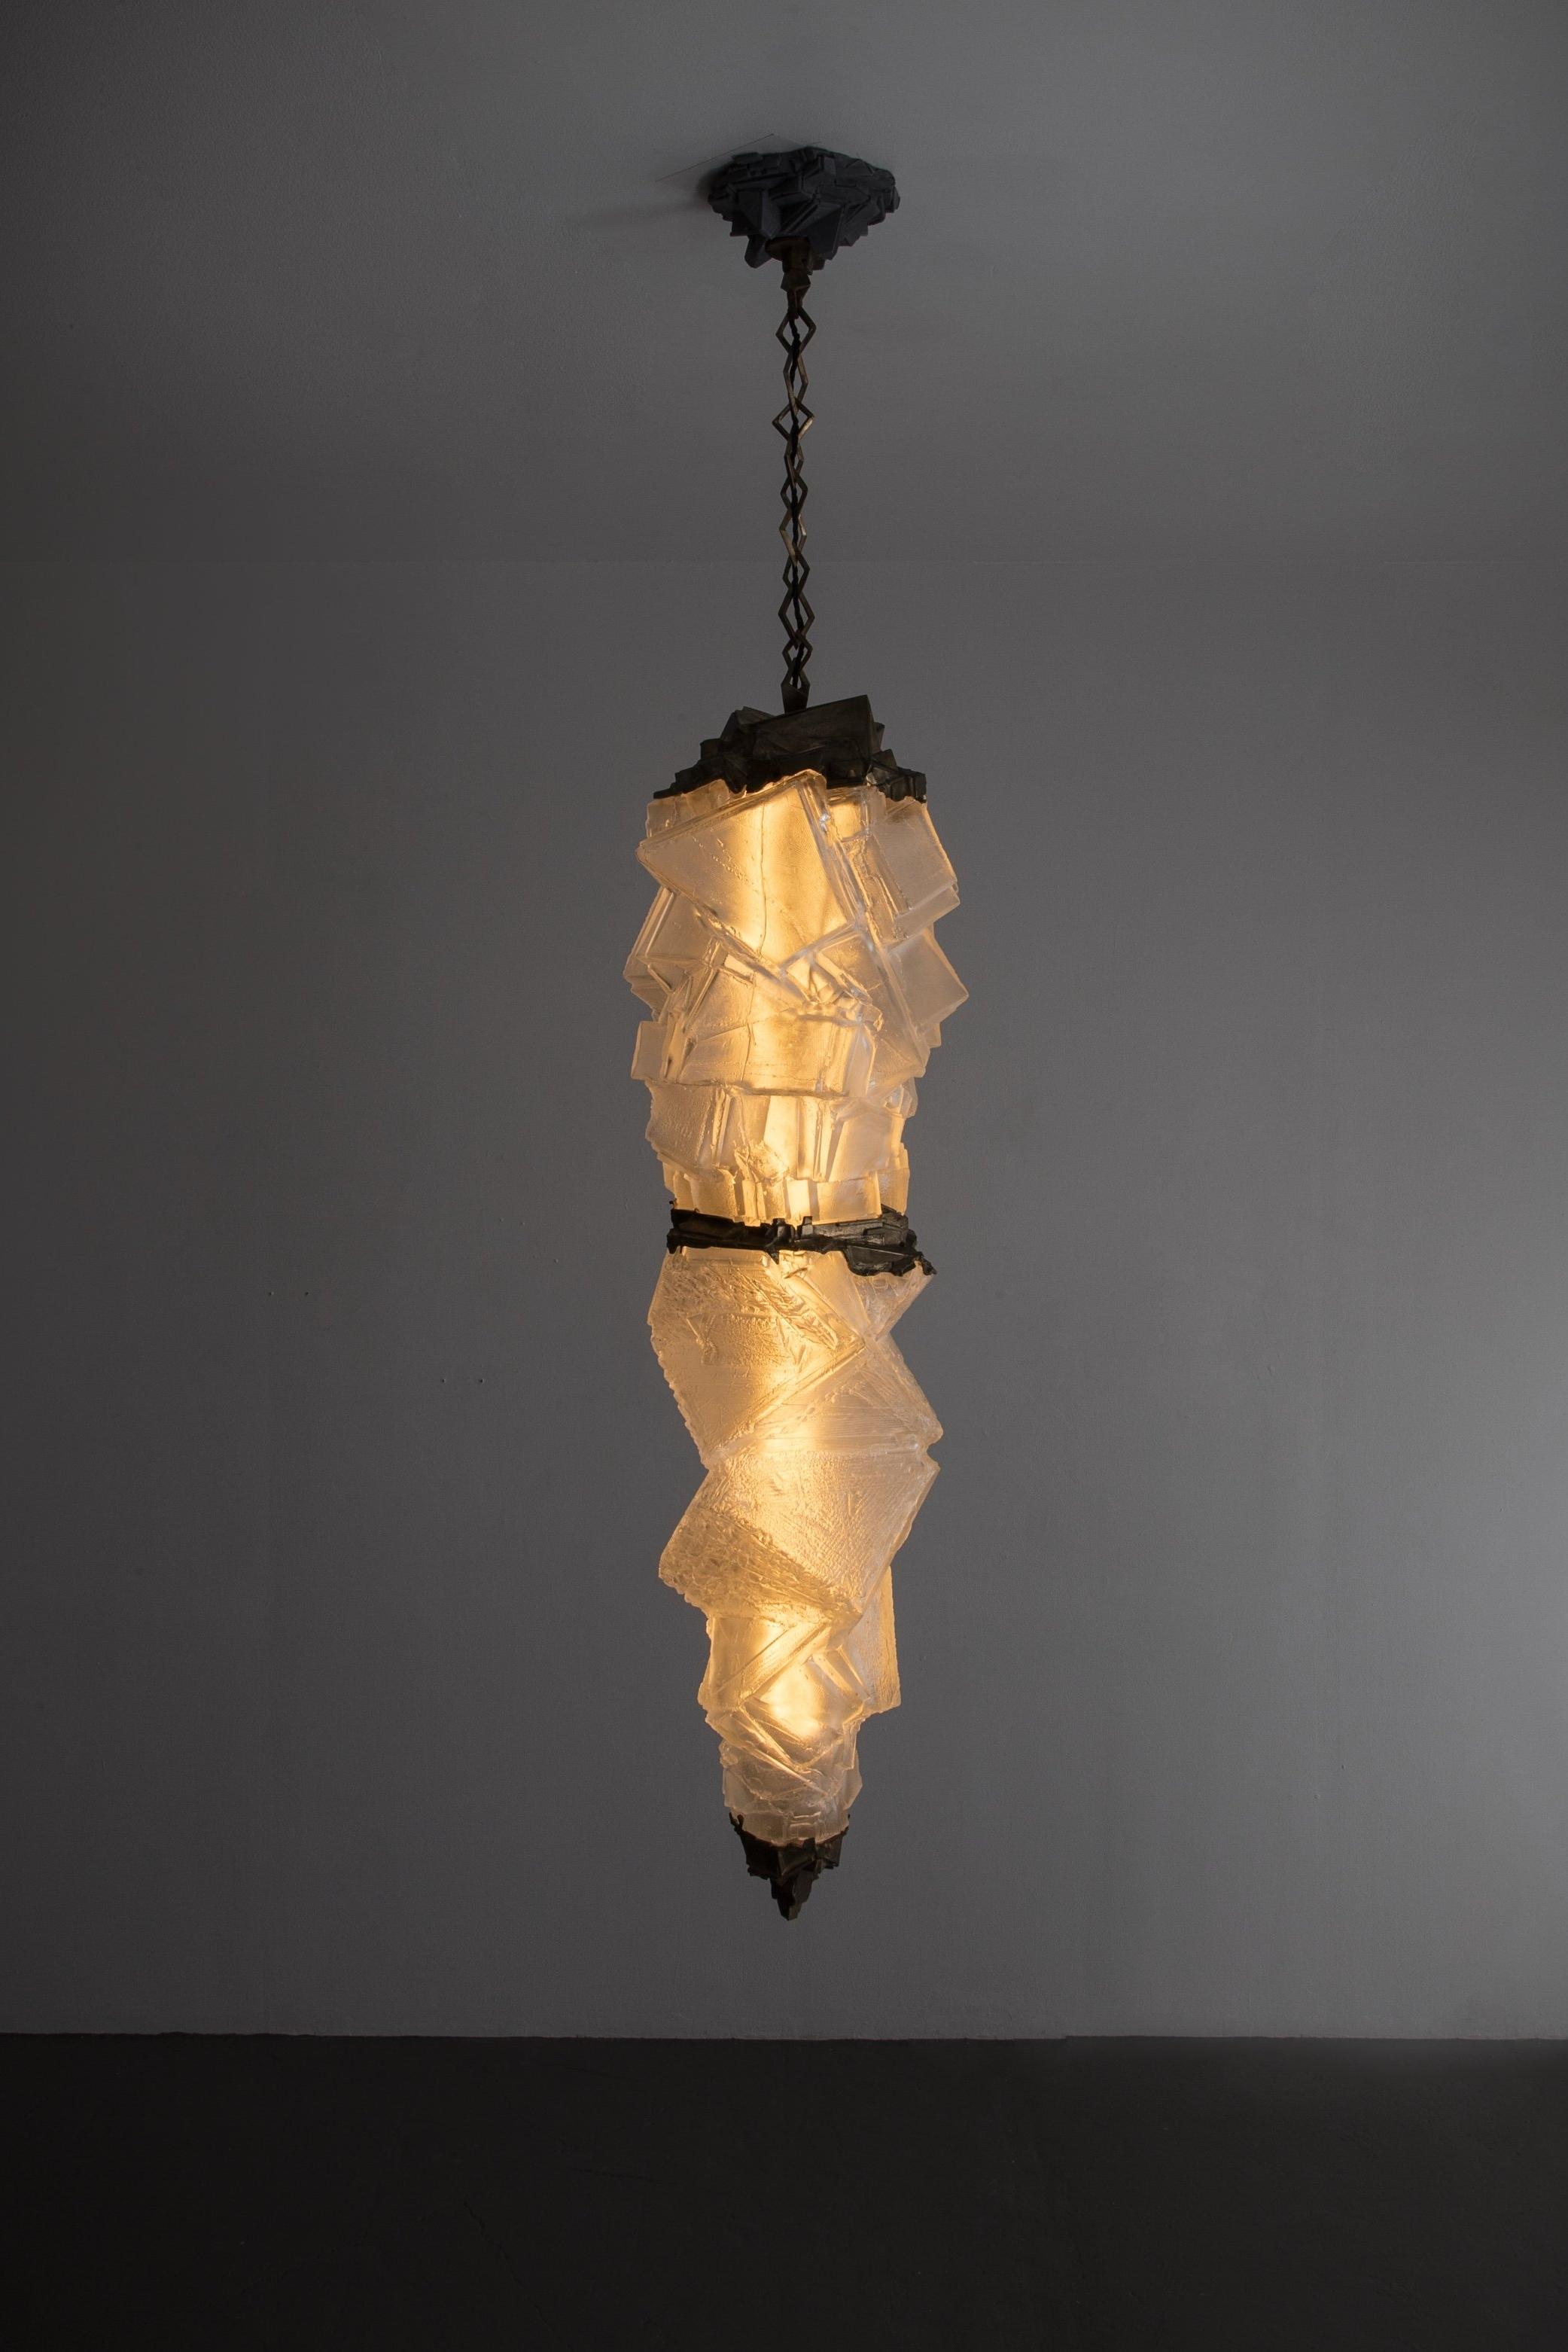 lamp 4-2.jpg